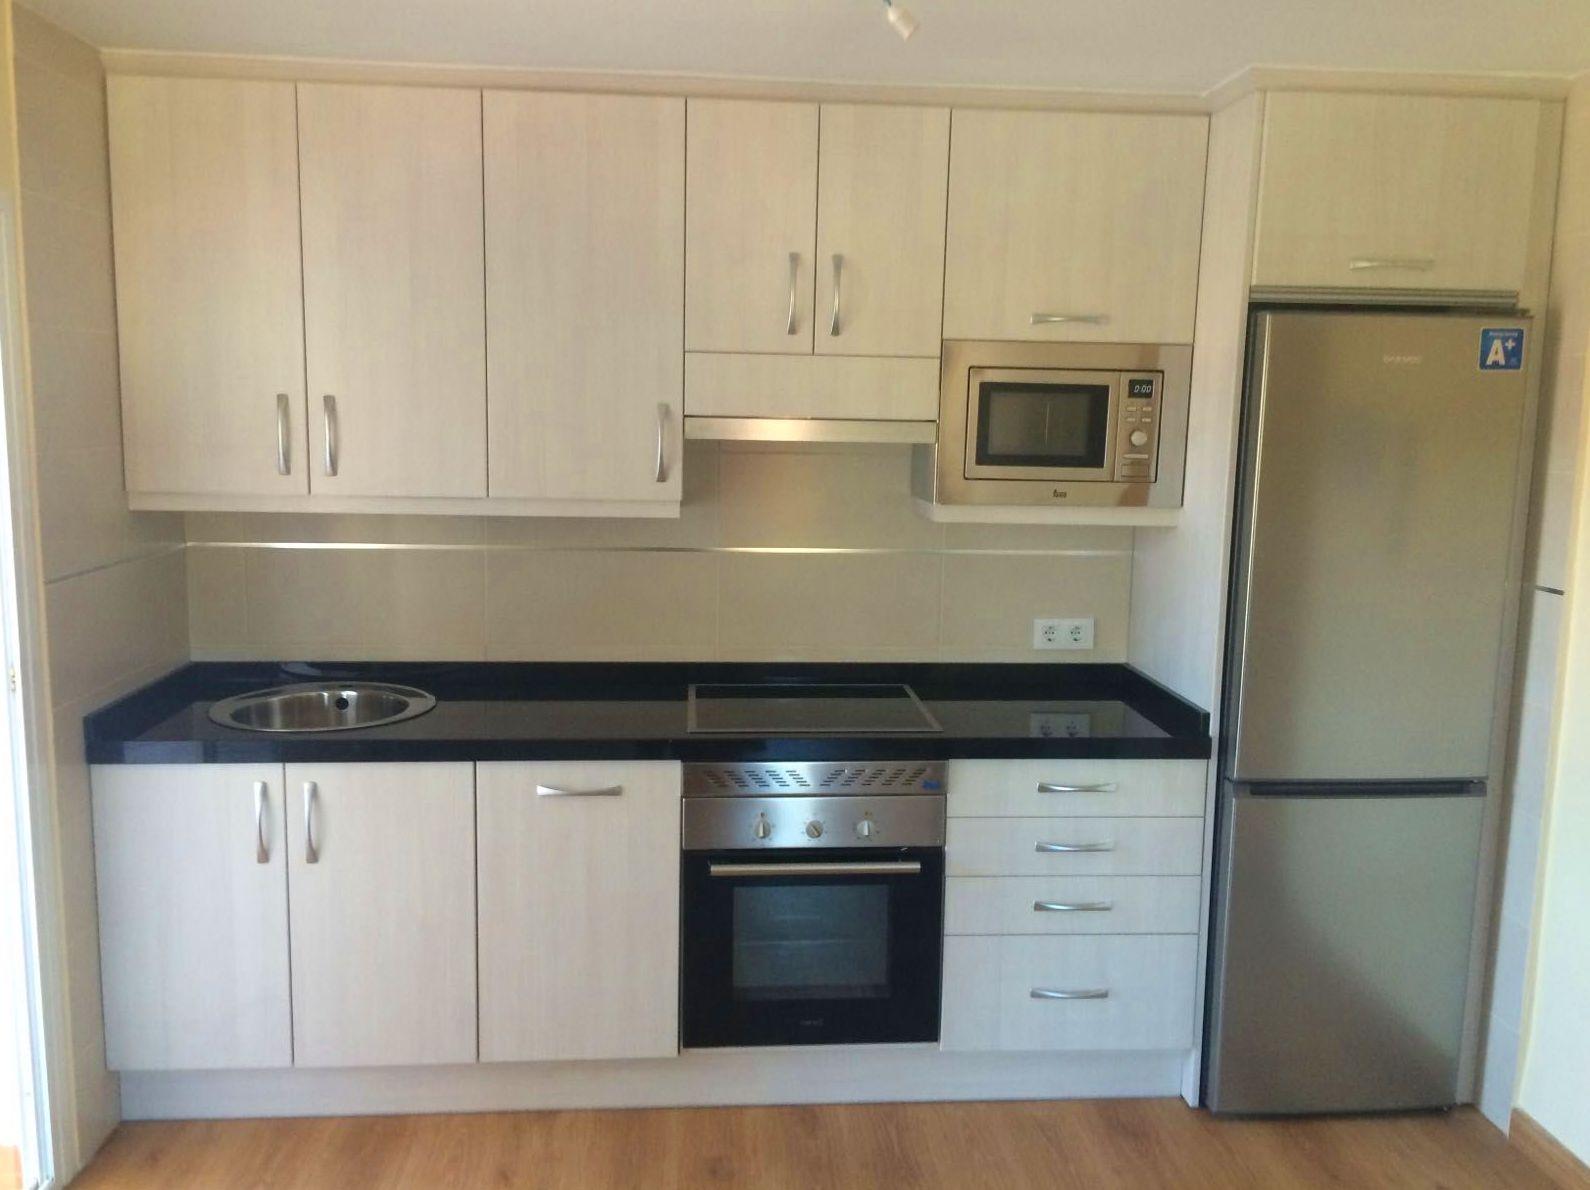 Foto 63 de Muebles de cocina en Plasencia | Durán Cocinas y ...